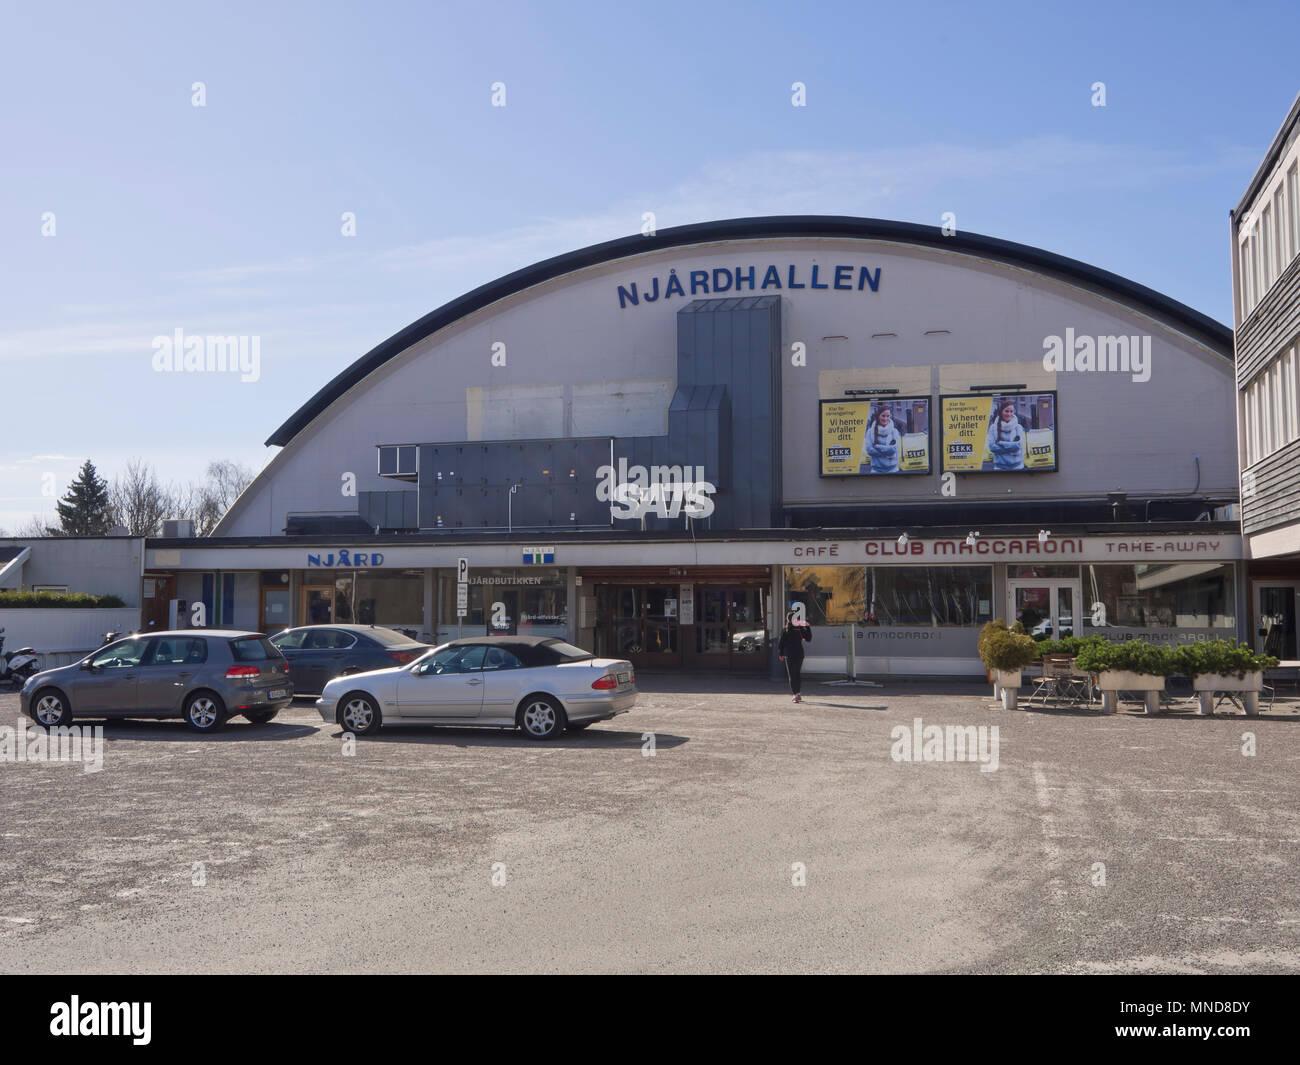 Njårdhallen,un'arena sportiva al coperto nei sobborghi occidentali di Oslo Norvegia, usato per essere un concerto arena come pozzo costruito ca 1960 Immagini Stock